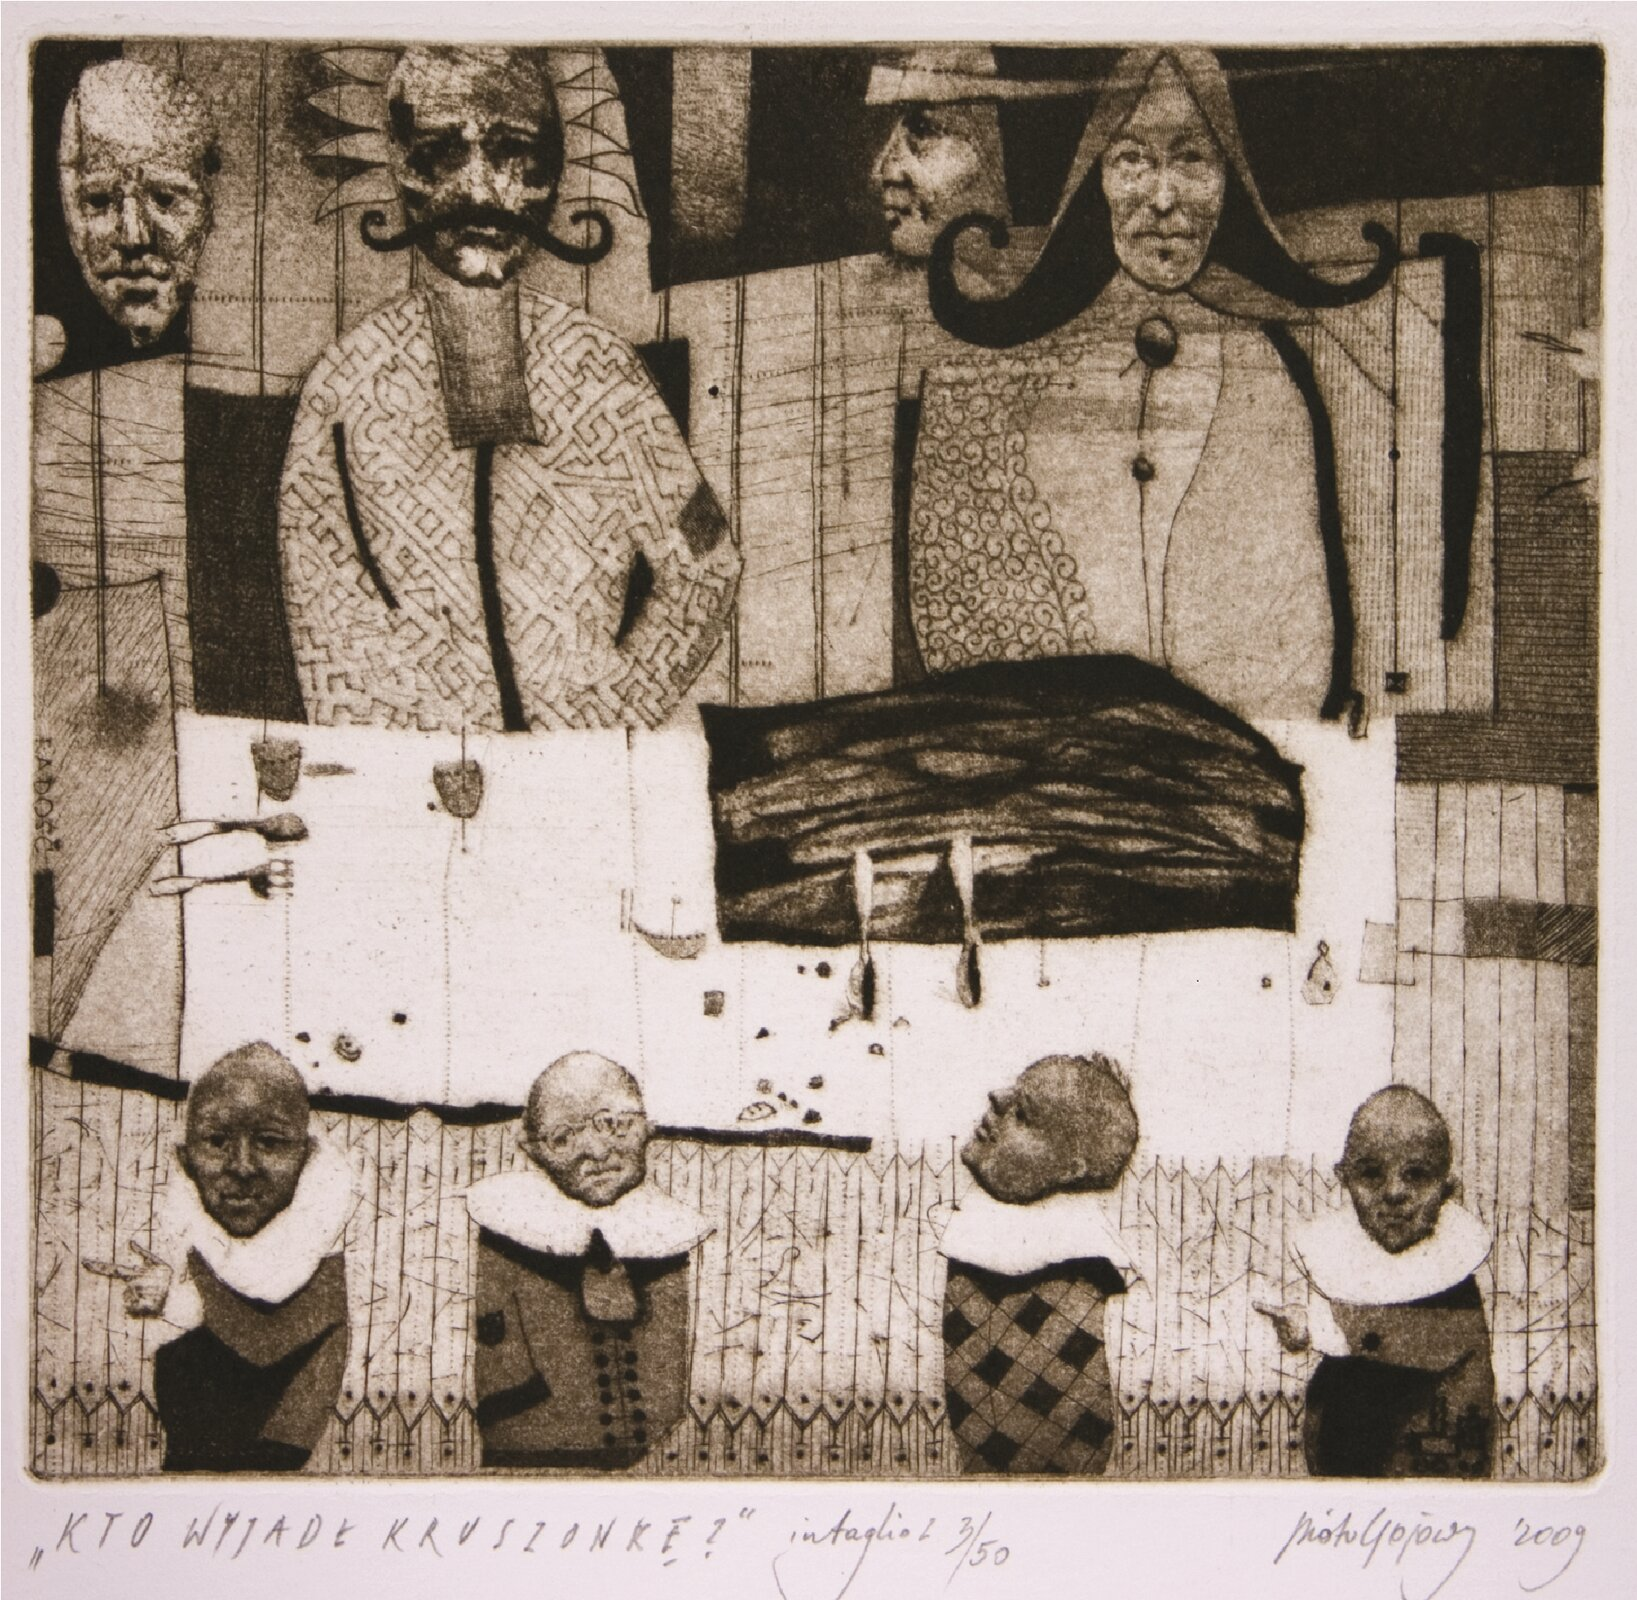 """Ilustracja przedstawia grafikę """"Kto wyjadł kruszonkę"""" autorstwa Piotra Gojowego. Artysta przy pomocy prostych plam, linii iwzorków stworzył wielopostaciową kompozycję statyczną. Dzieło ukazuje stół zobrusem wpostaci białego prostokąta zumieszczonymi na nim sztućcami, kieliszkami oraz ciemnym, prostokątnym kształtem ciasta. Wokół stołu siedzą postacie zsyntetycznie ujętymi tułowiami, jedynie głowy zostały ukazane przez artystę zwiększym realizmem. Zprzodu znajdują się małe figurki bobasów otwarzach starców zdużymi, białymi kołnierzami. Za stołem siedzą wysokie postacie kobiety imężczyzny. Wtle, artysta umieścił zawieszone wprzestrzeni głowy. Surowy rysunek sepiowej grafiki połączony ze smutkiem rysującym się na twarzach postaci, tworzy pełną napięcia, ciężką atmosferę przedstawionej sceny. Dzieło zostało wykonana wtechnice druku wklęsłego."""